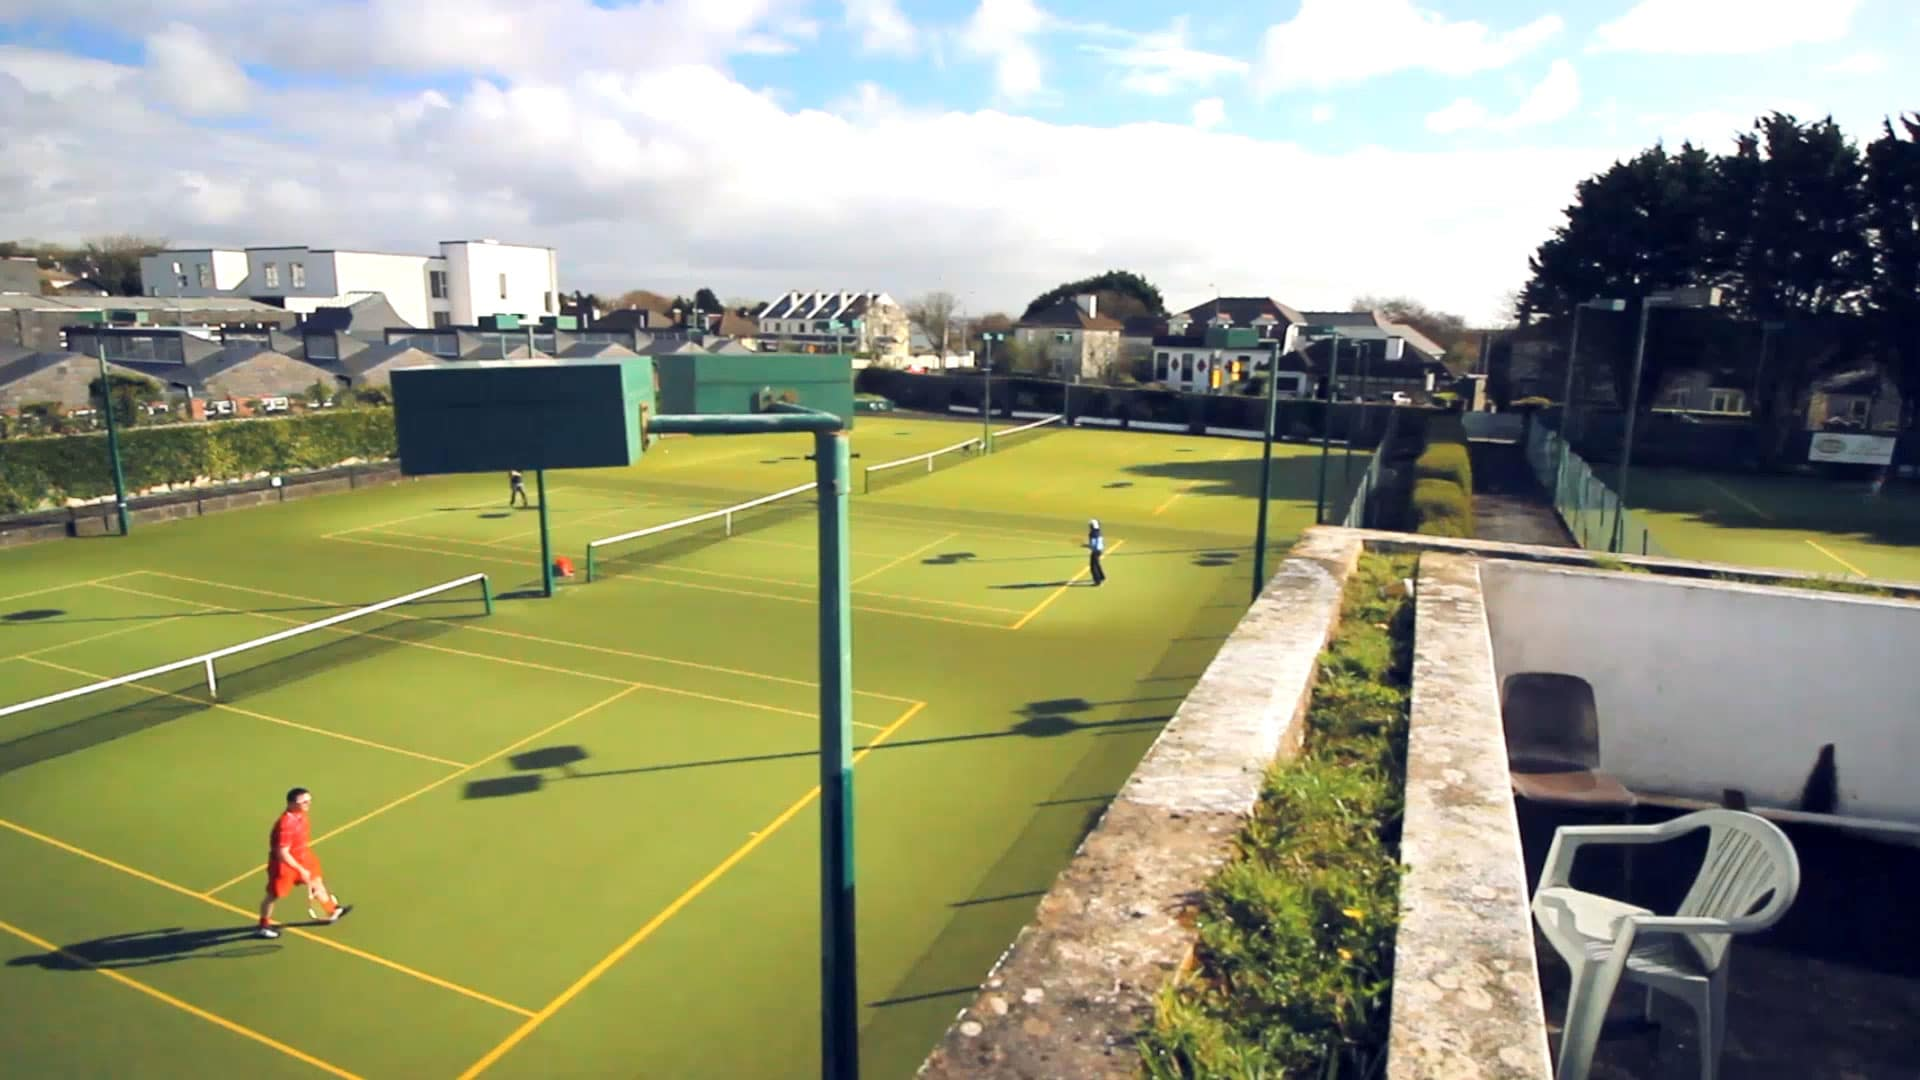 Galway Lawn Tennis Club